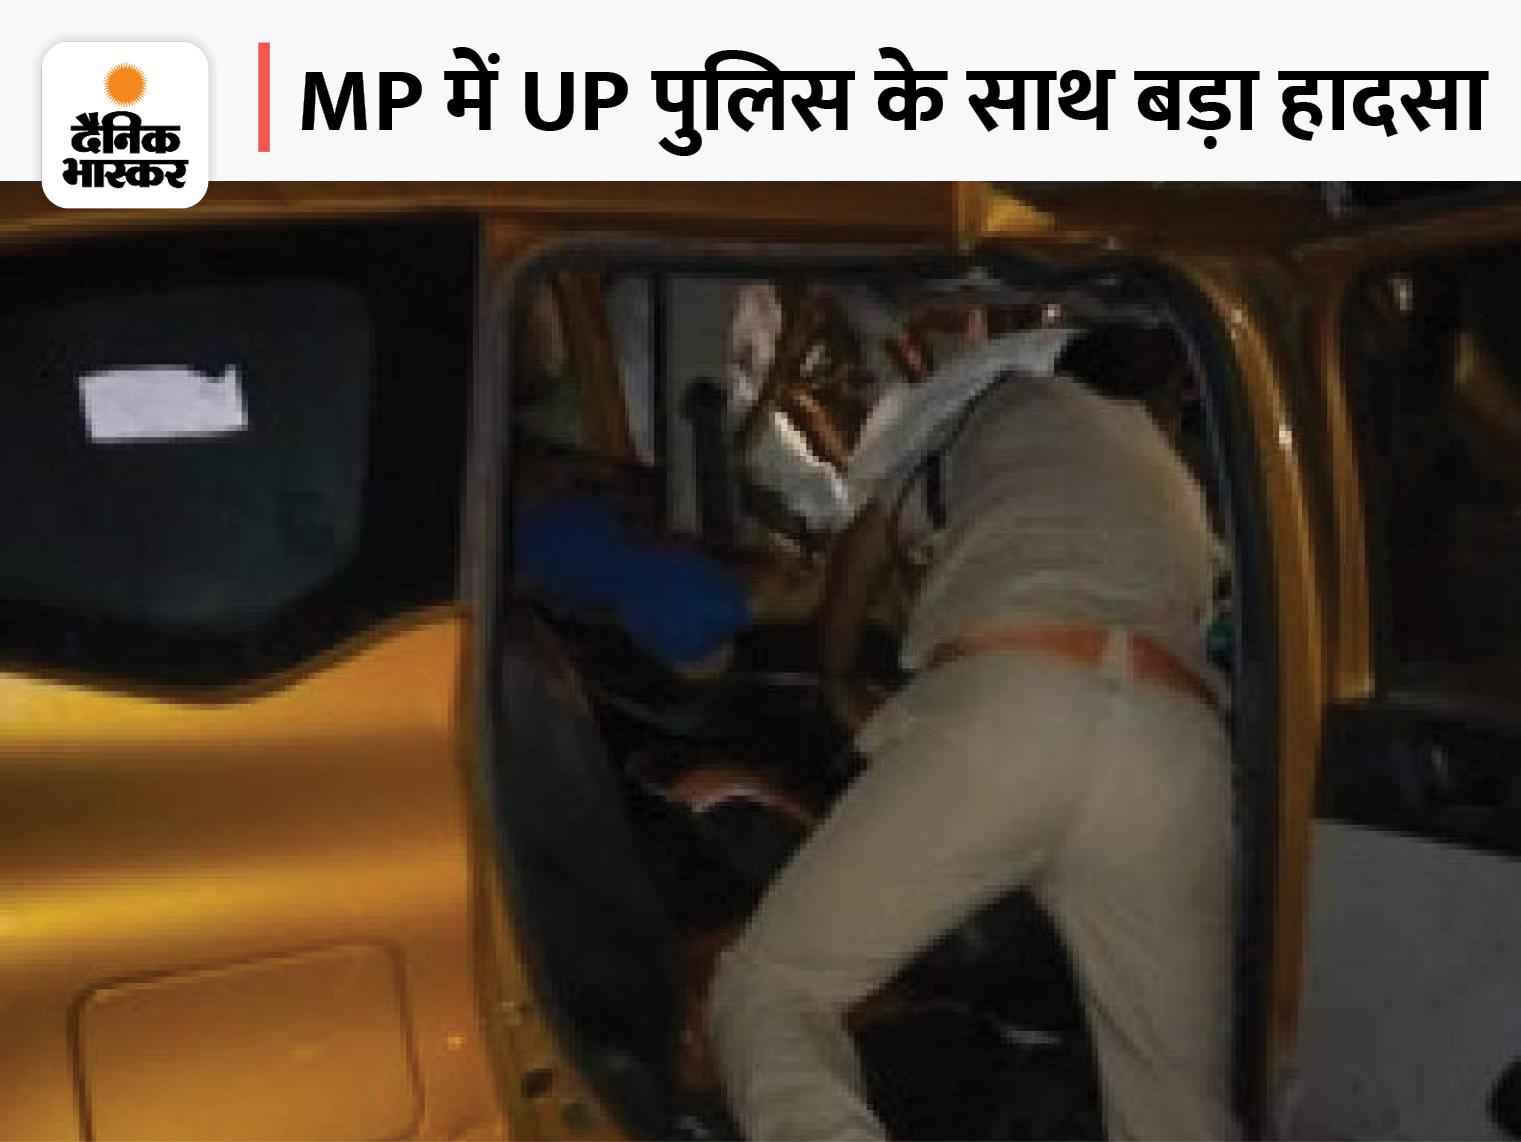 UP के 3 पुलिसकर्मियों समेत 4 की मौत, तेज रफ्तार ट्रक में घुसी पुलिस की गाड़ी; एक गंभीर, परिवार वाले आगरा ले गए|मुरैना,Morena - Dainik Bhaskar